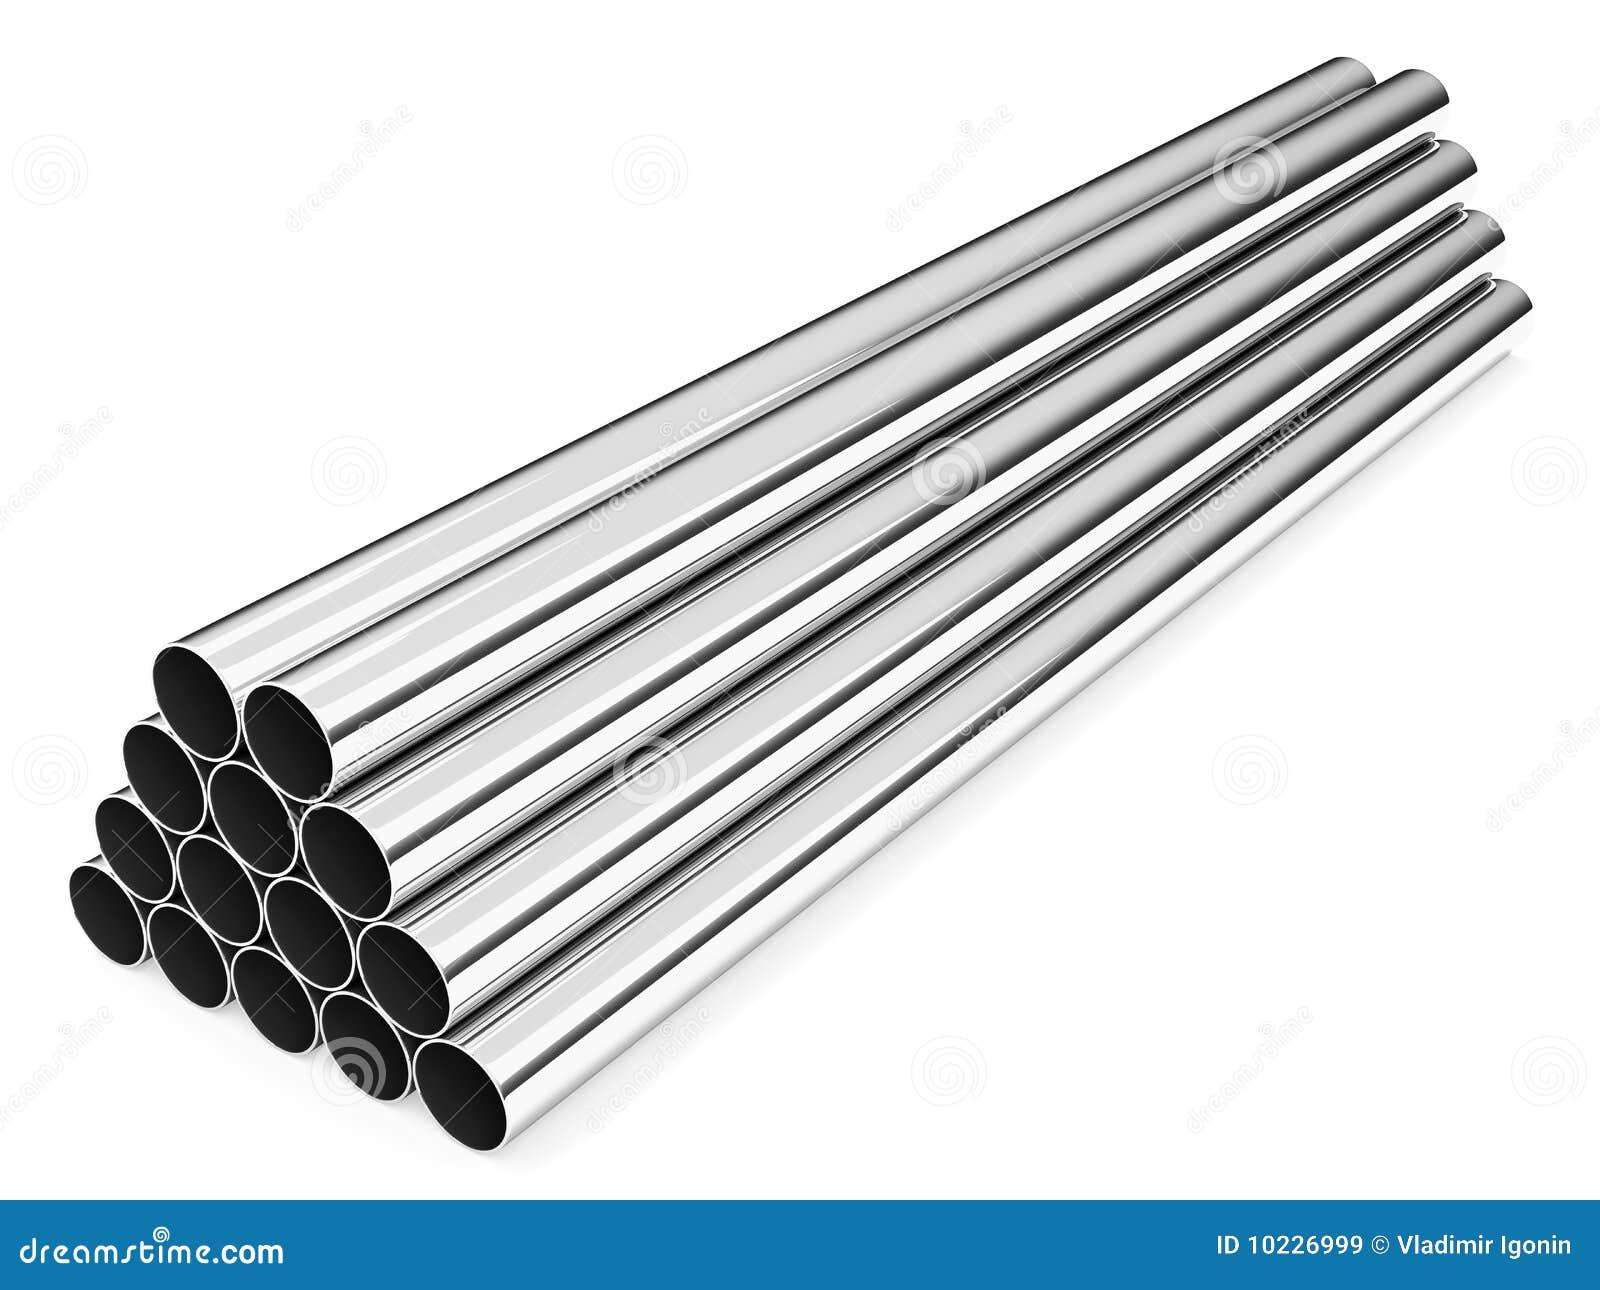 Tubos del acero inoxidable stock de ilustraci n - Tubo acero inoxidable ...